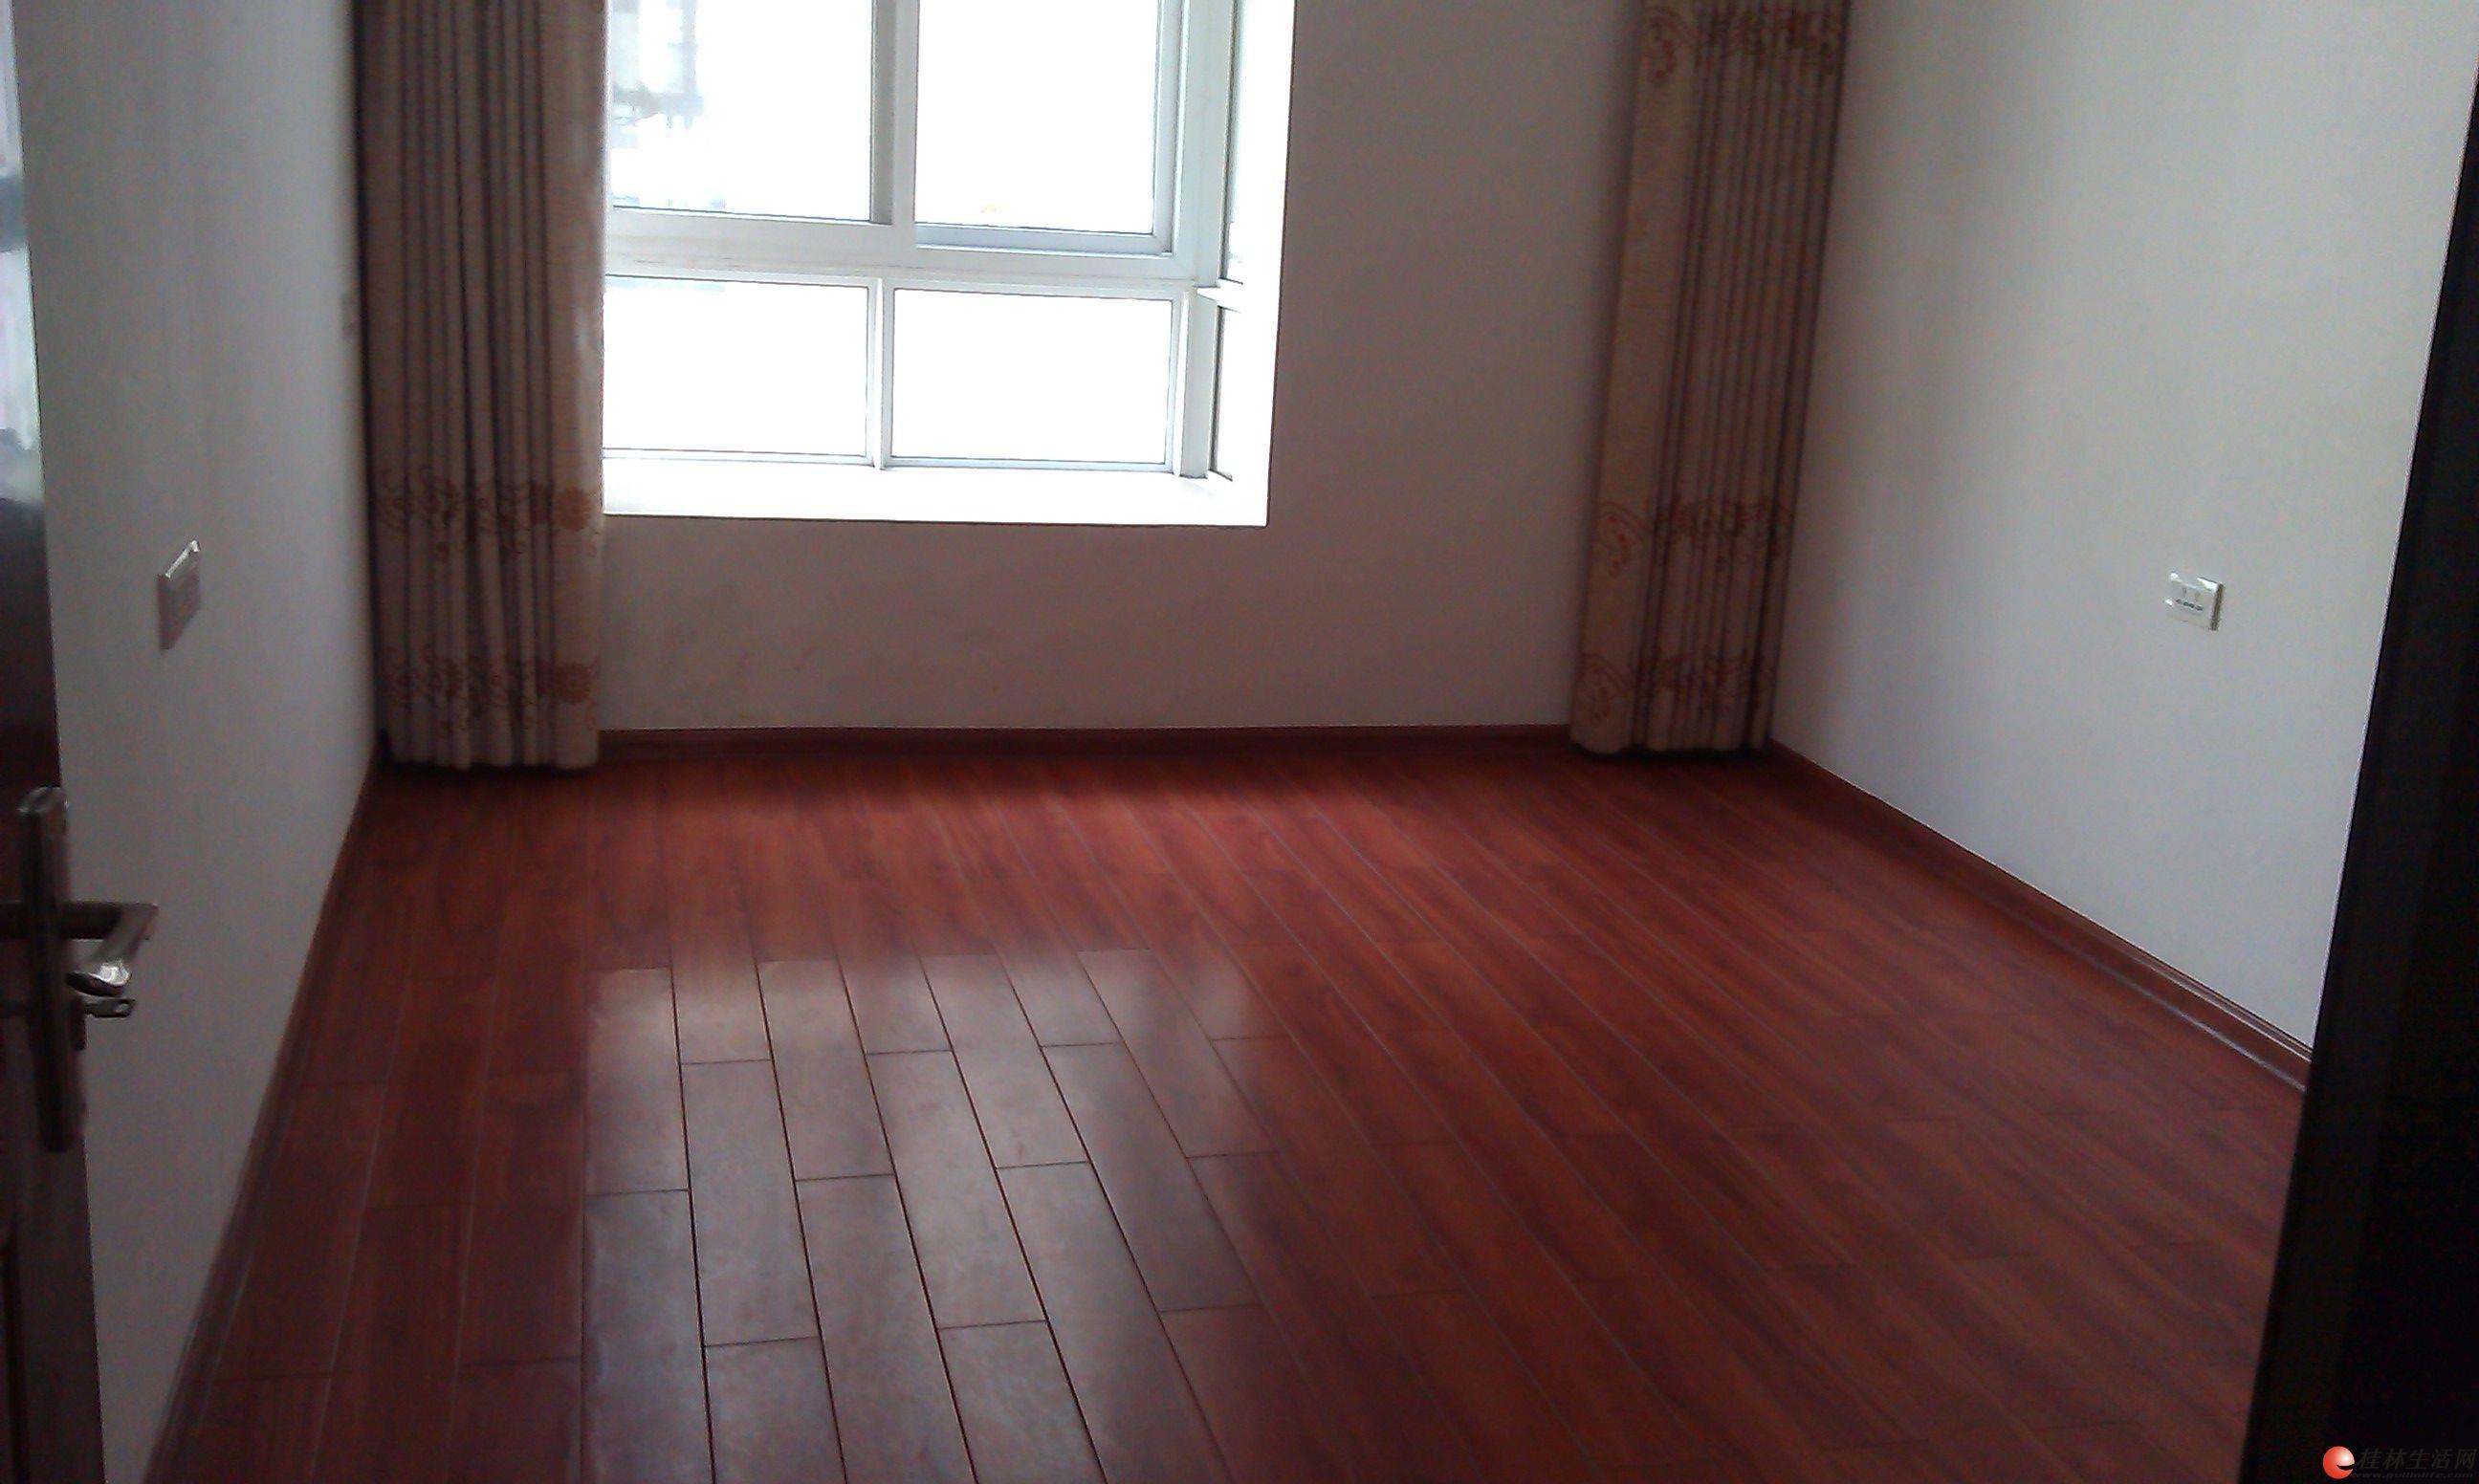 出租,解放桥附近,1-2楼2层,6房2厅2卫,160平米,4000元/月,适合办公